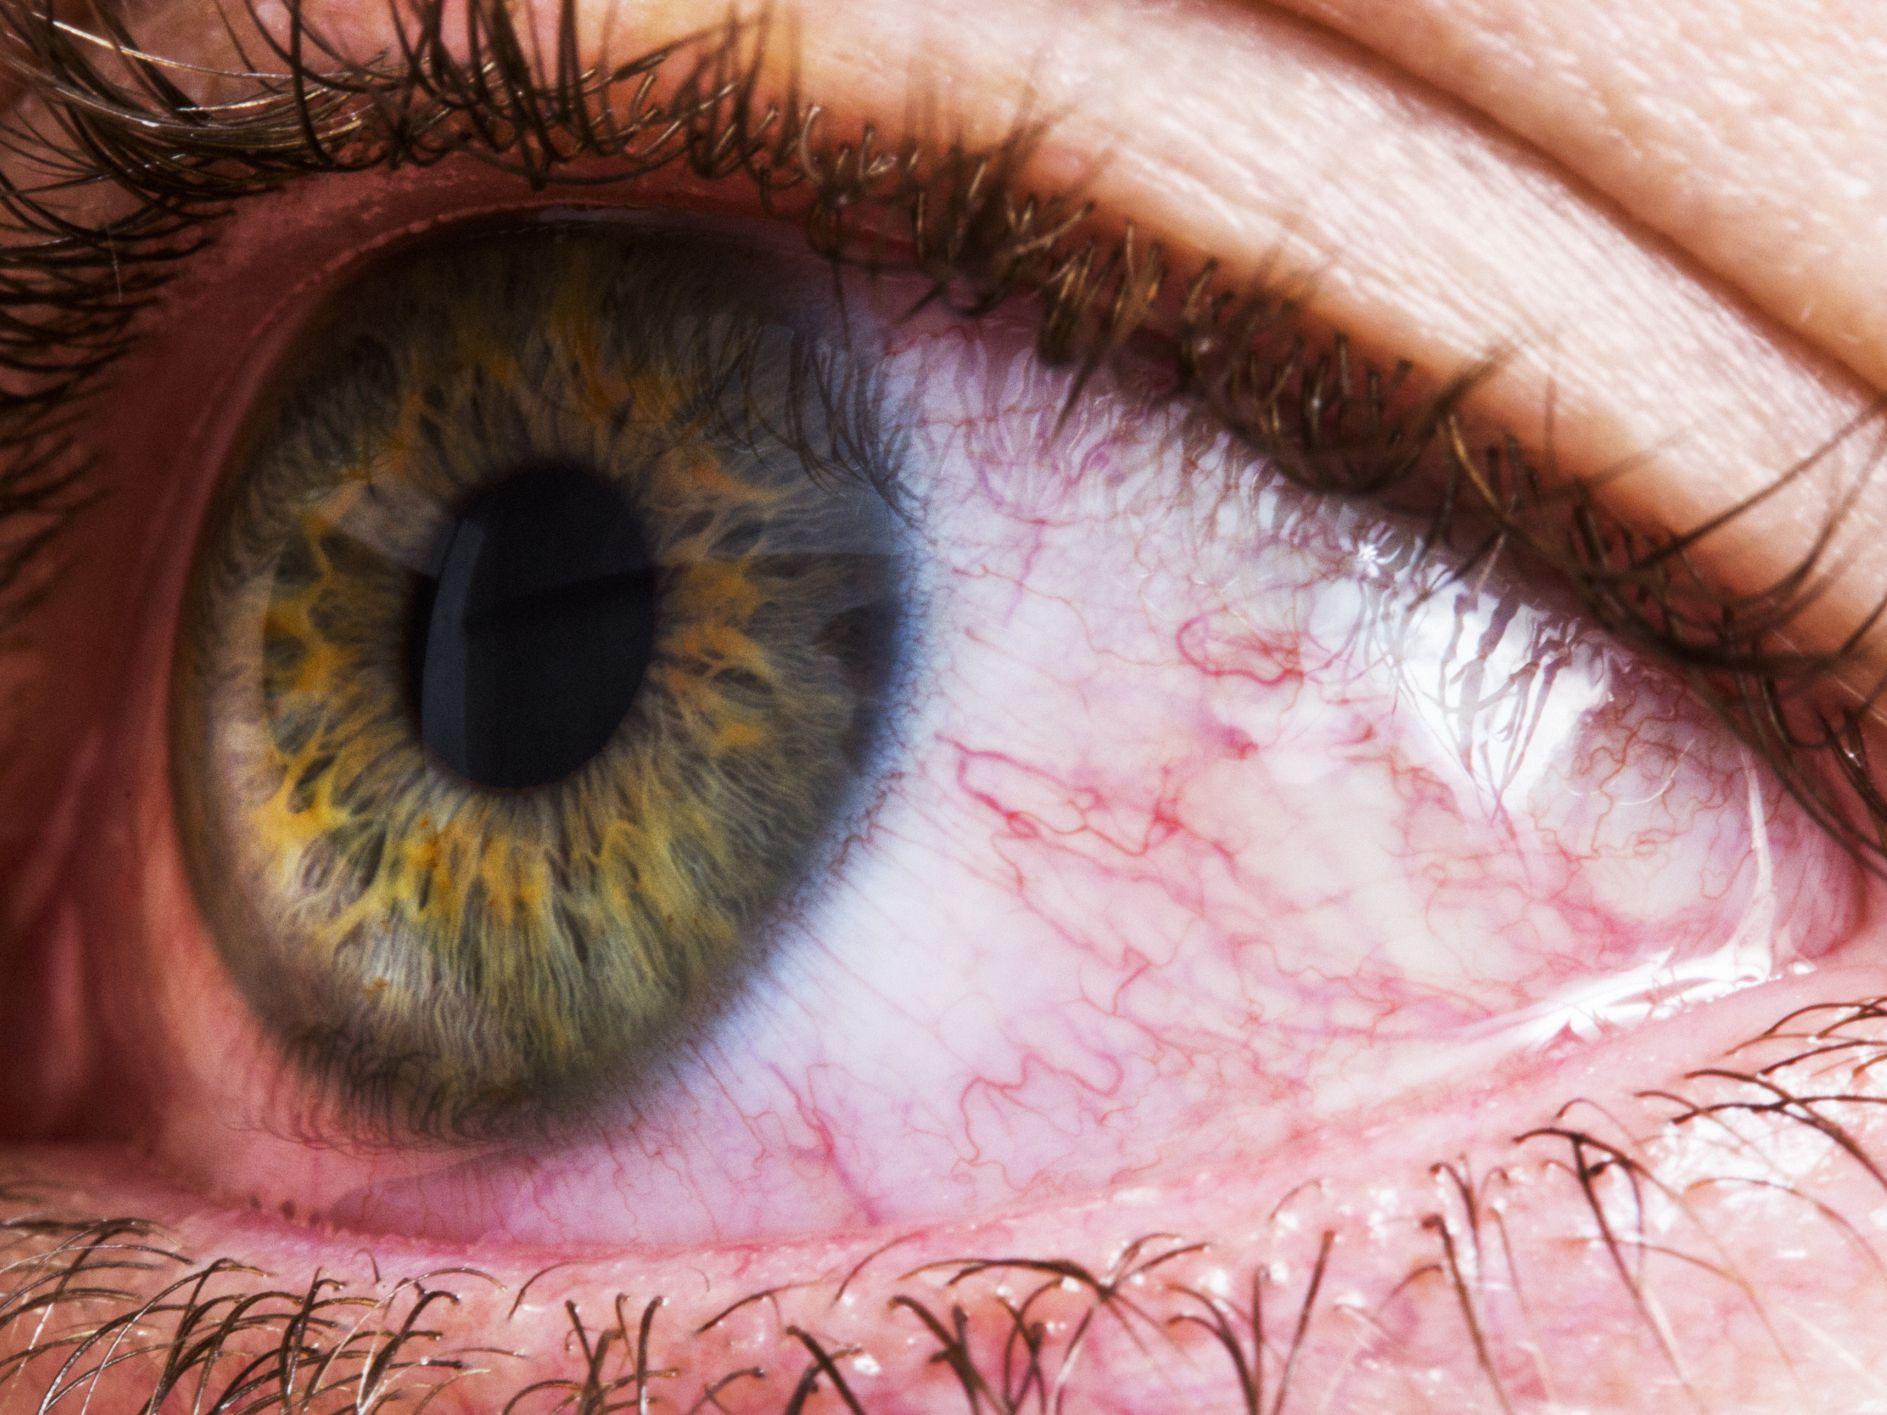 herpes ojos tratamiento